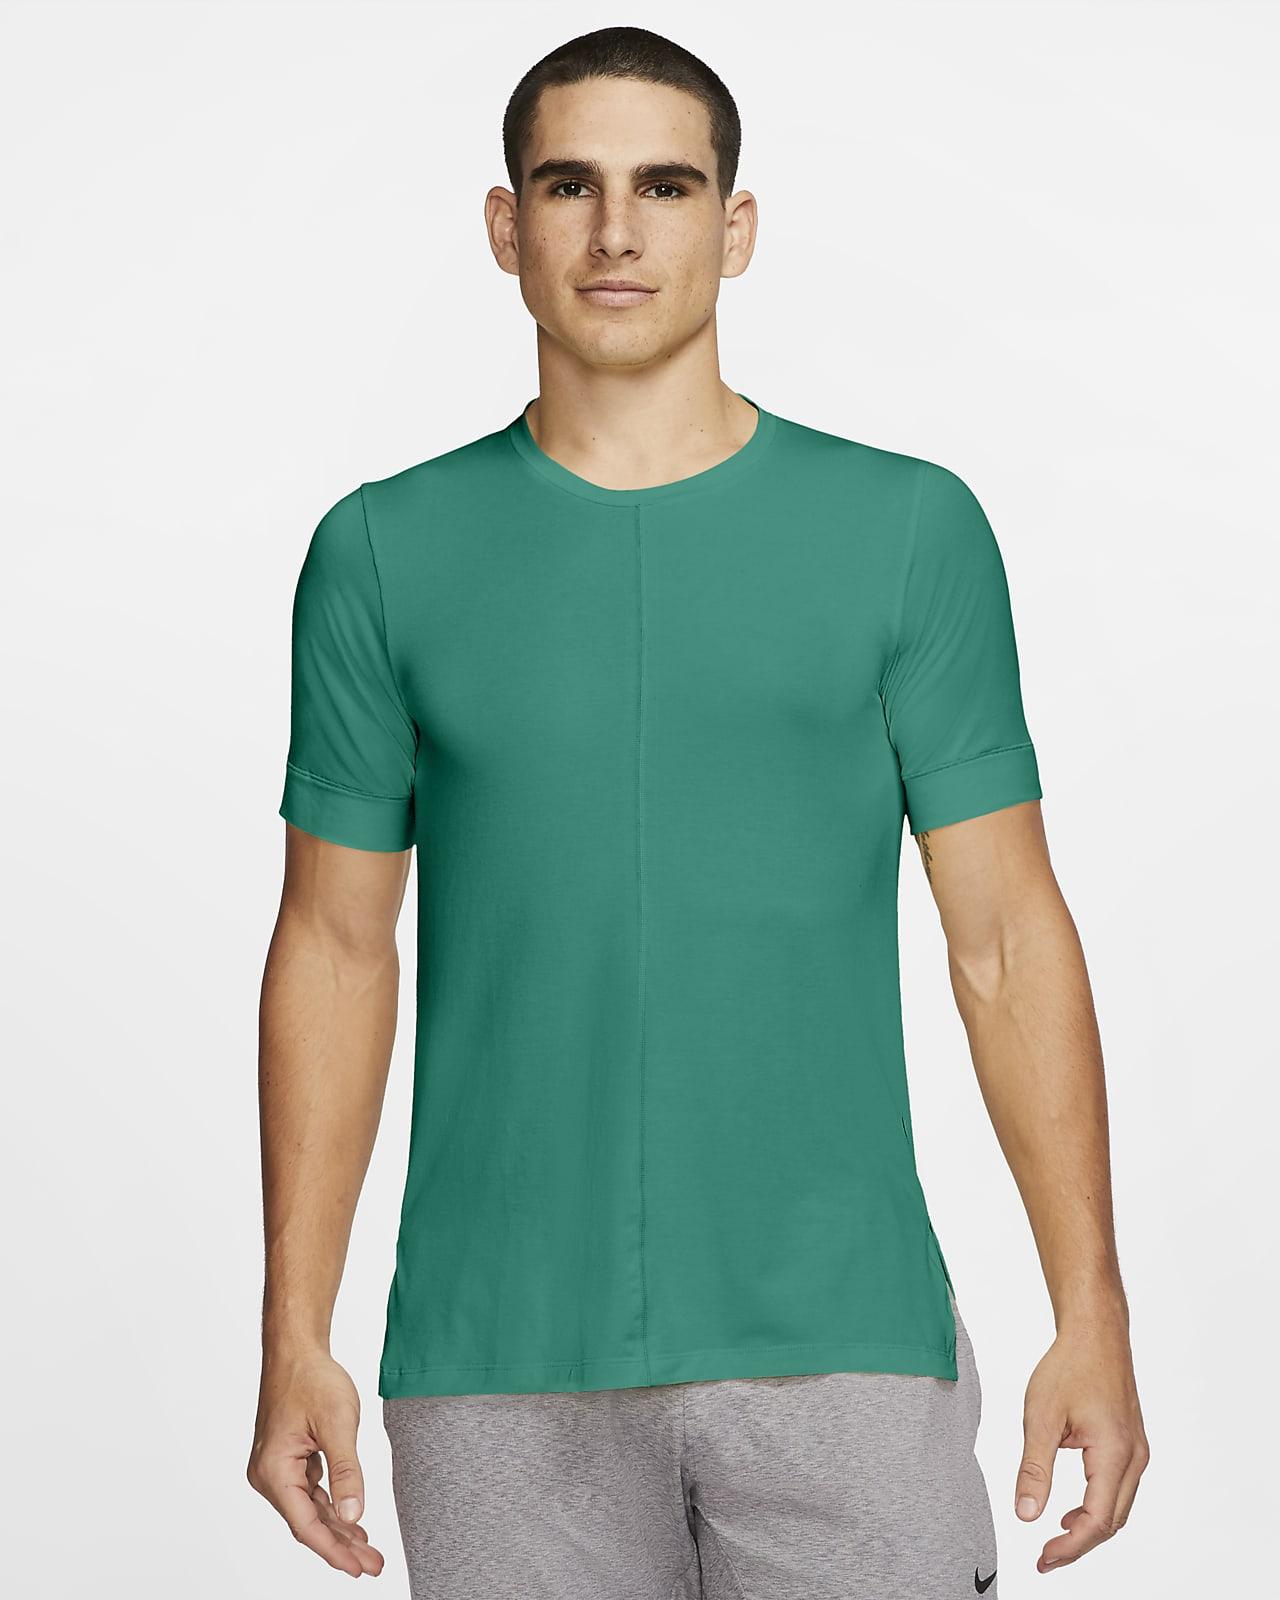 เสื้อแขนสั้นผู้ชาย Nike Yoga